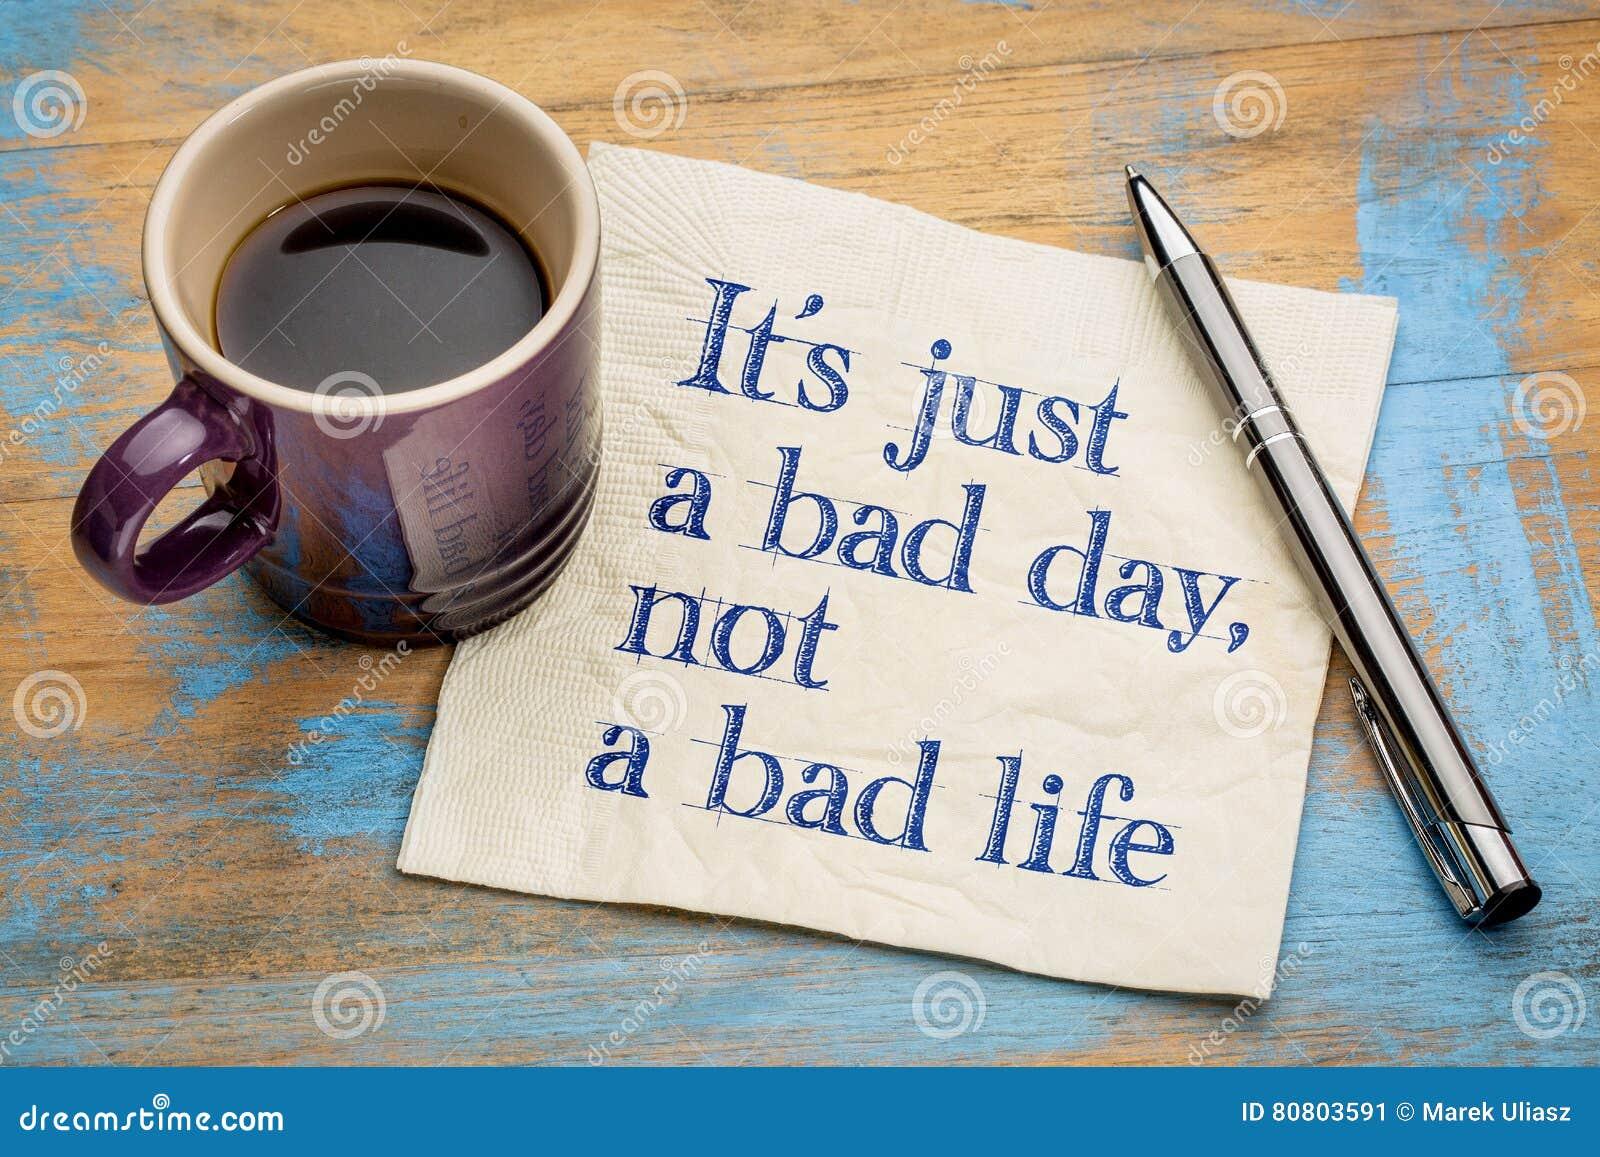 Είναι ακριβώς μια κακή ημέρα, όχι